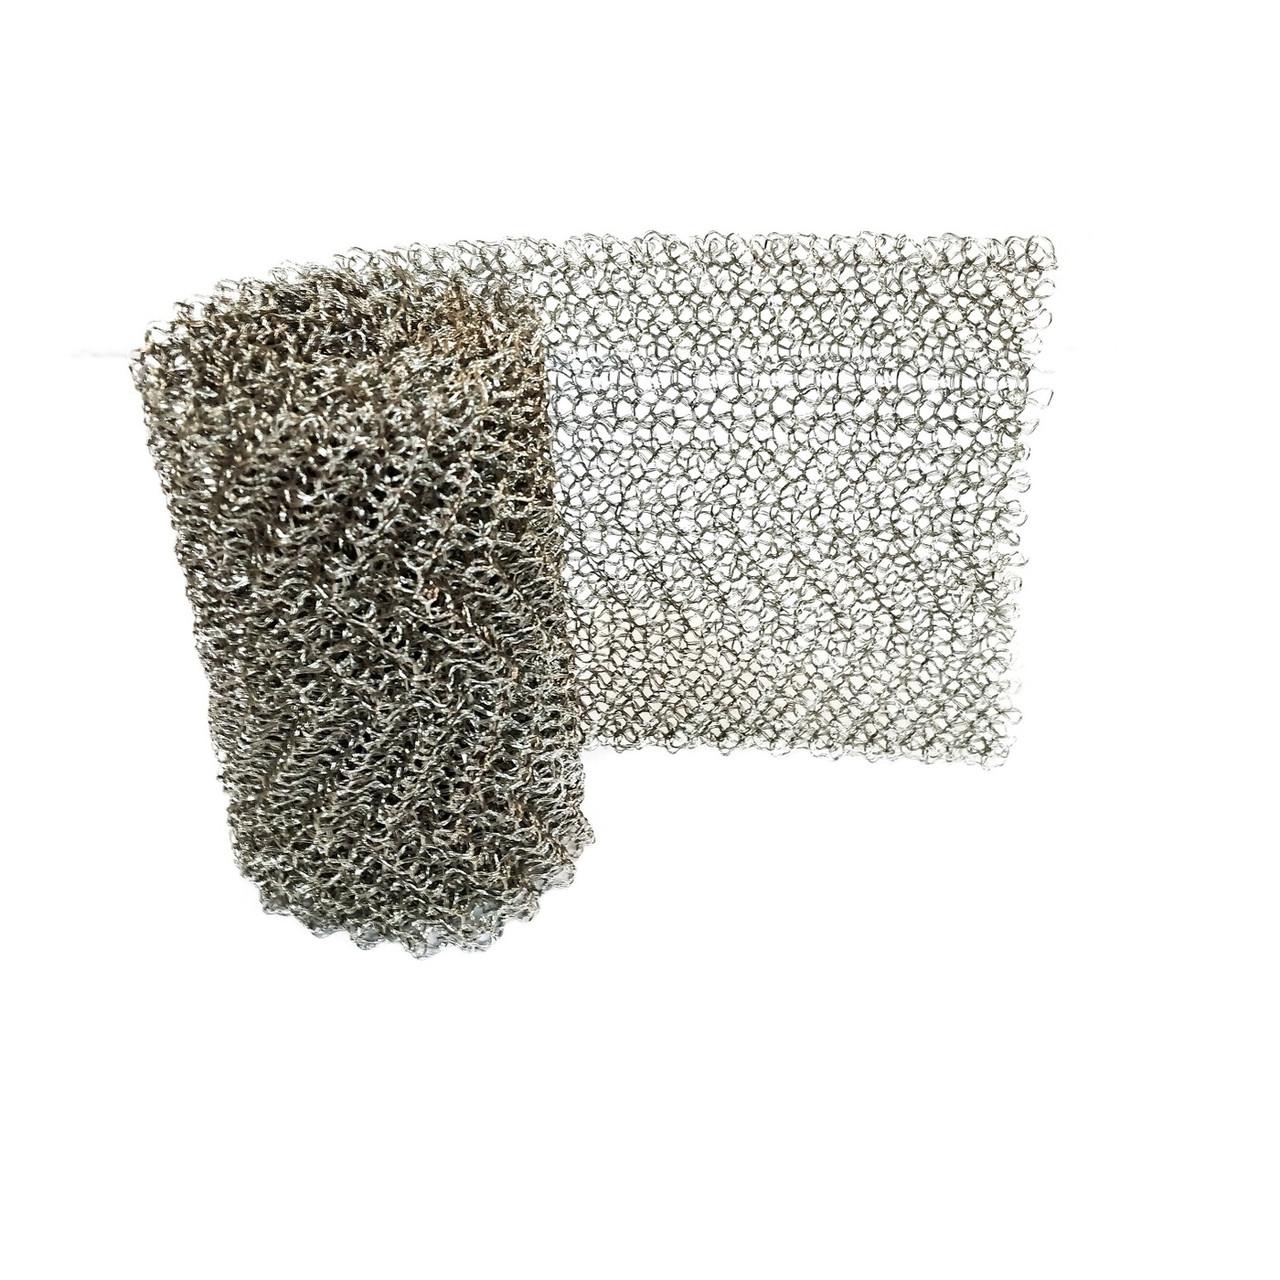 Сетка Панченкова РНП стальная 0.15х4х40 (ГОСТ), 1м